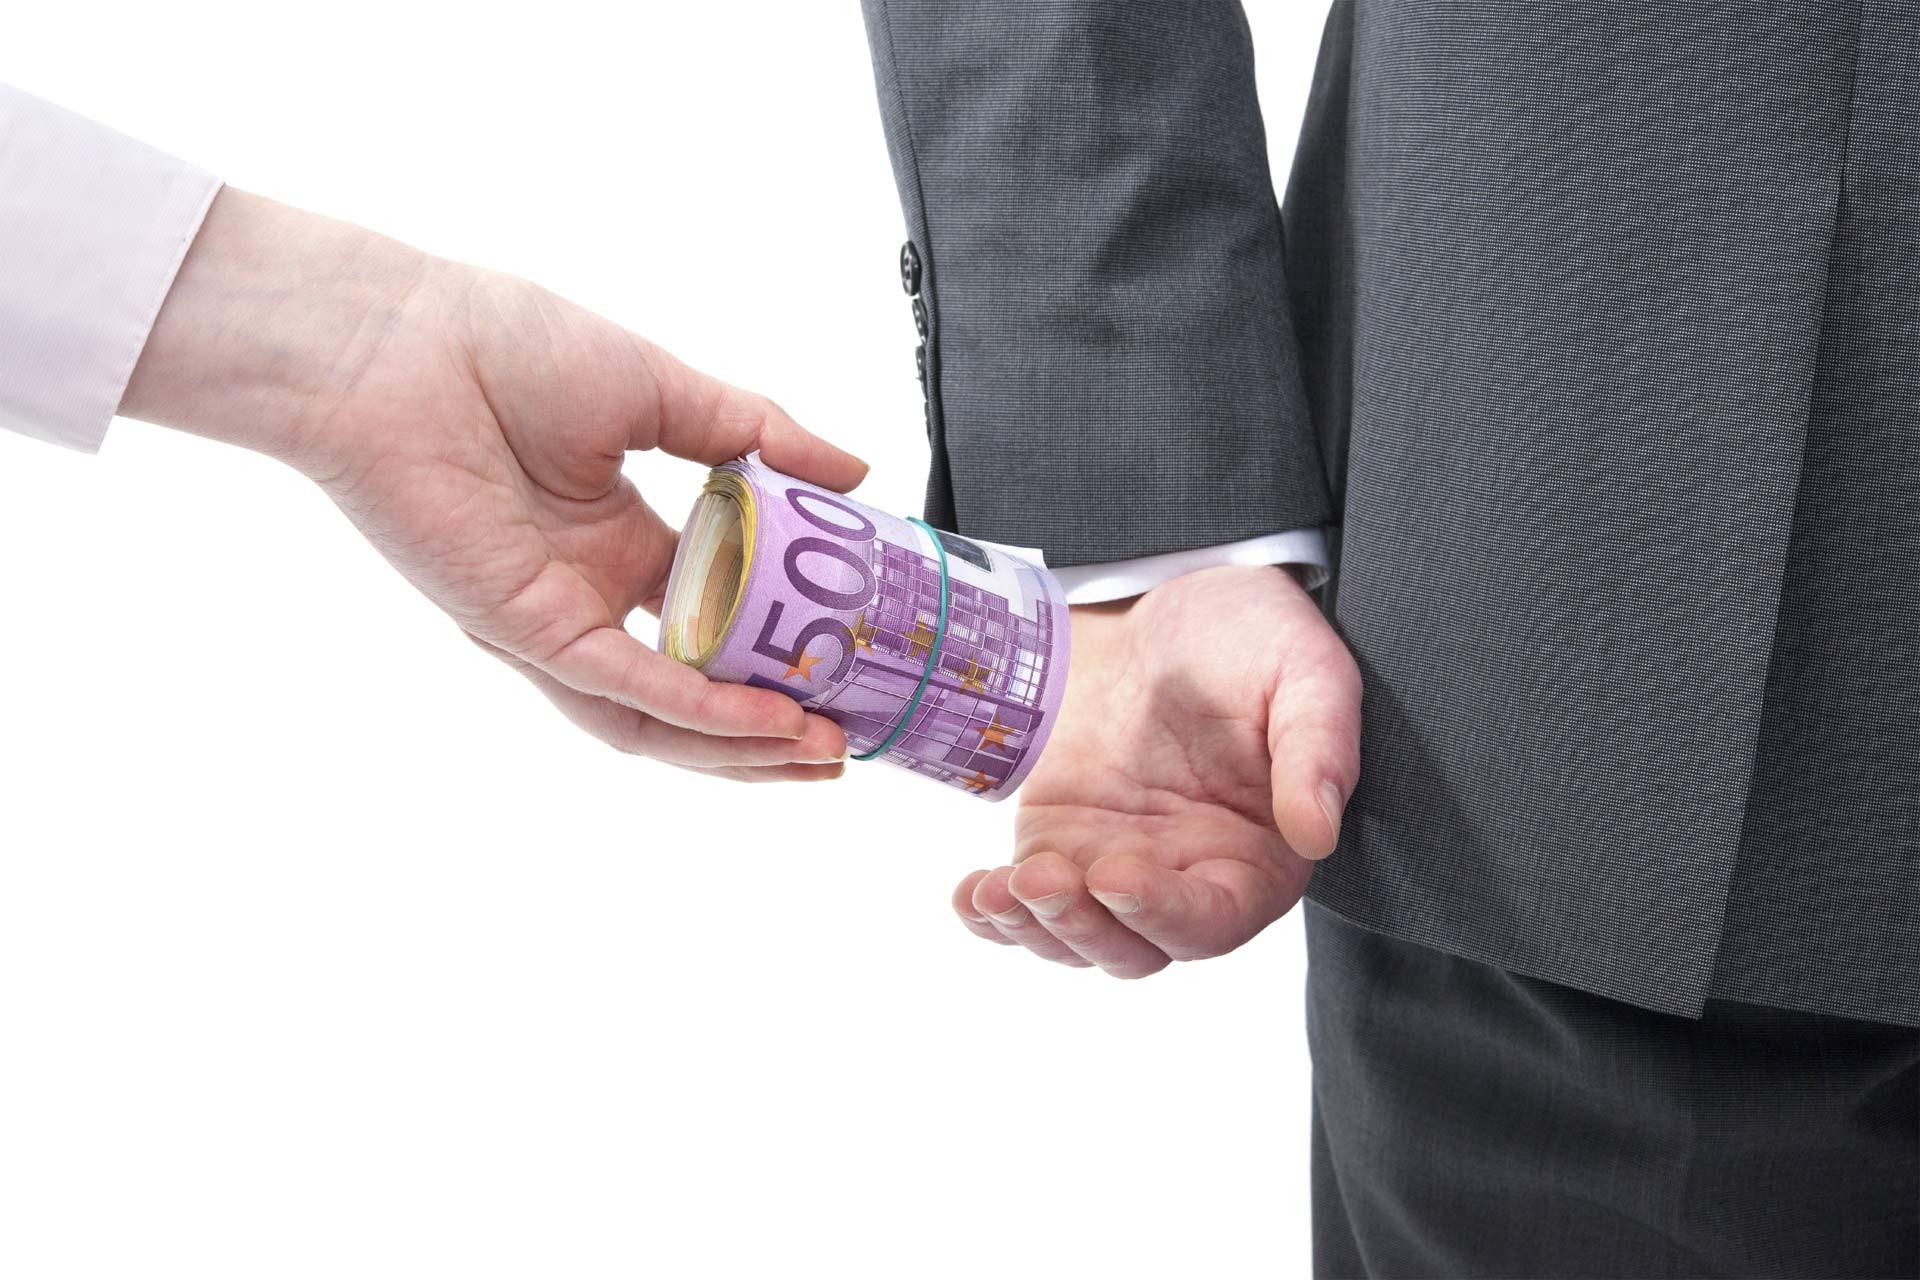 Los acusados llamaban a personas en EEUU exigiendo el pago de productos